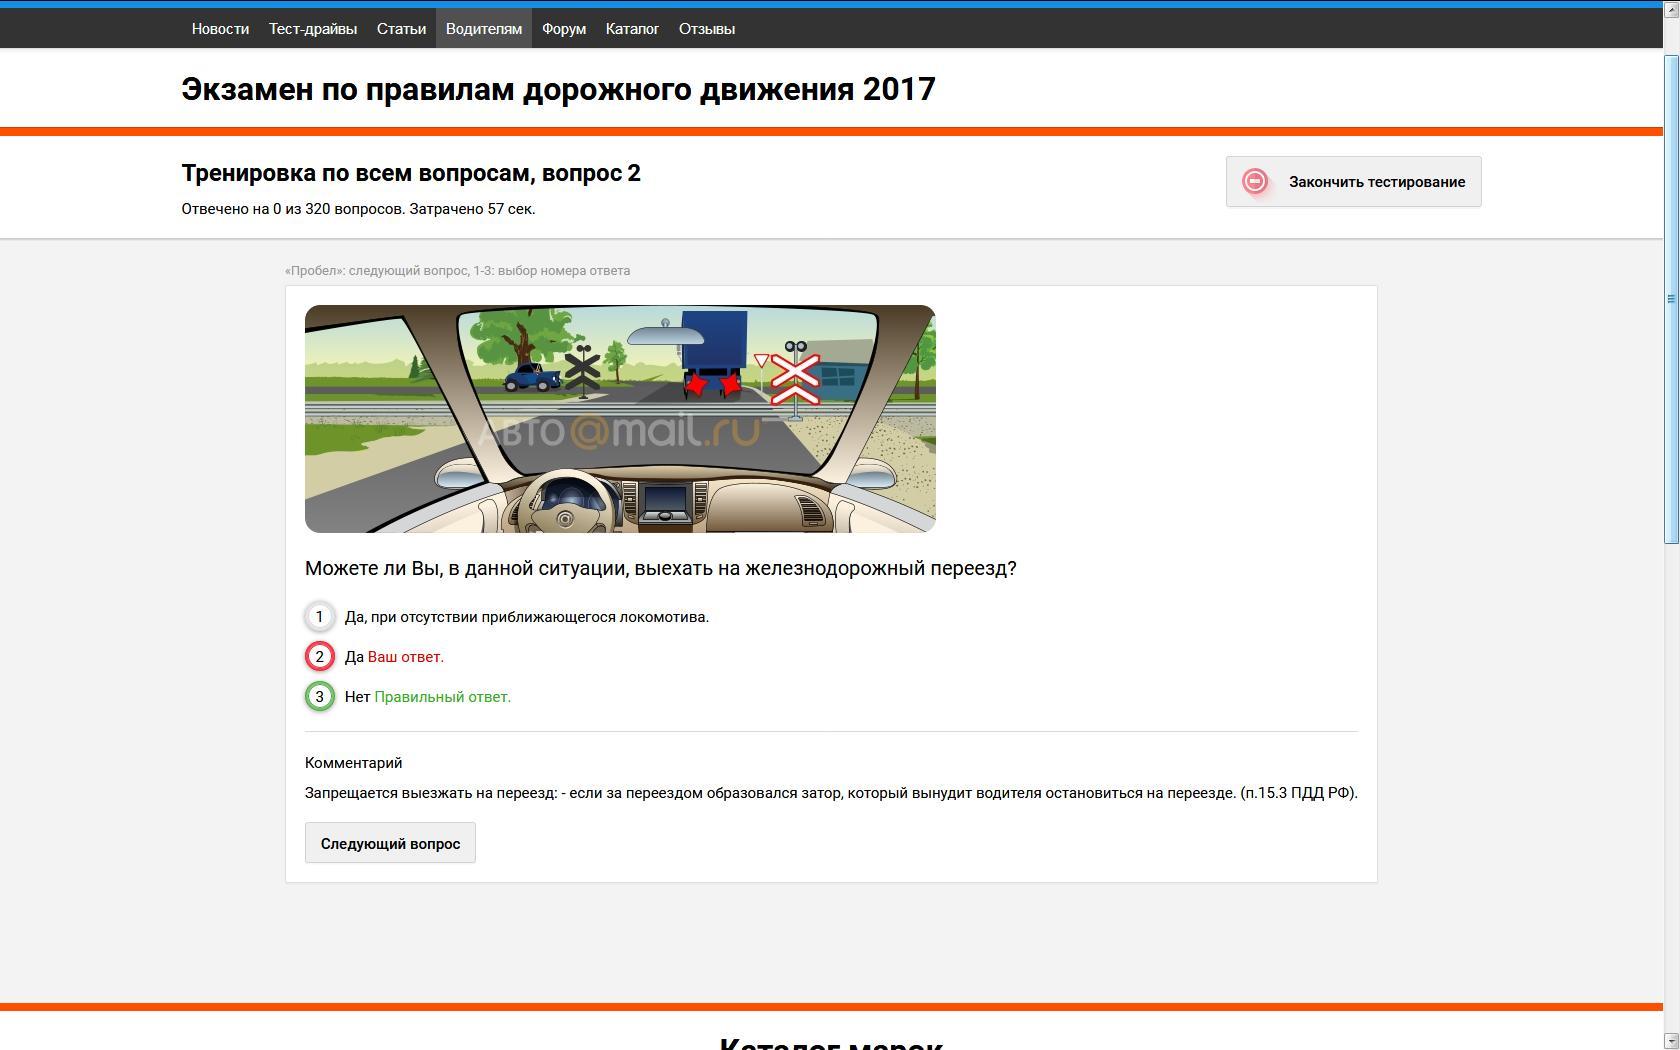 Евгений шельмин - билеты для экзамена в гибдд категории с и d с комментариями